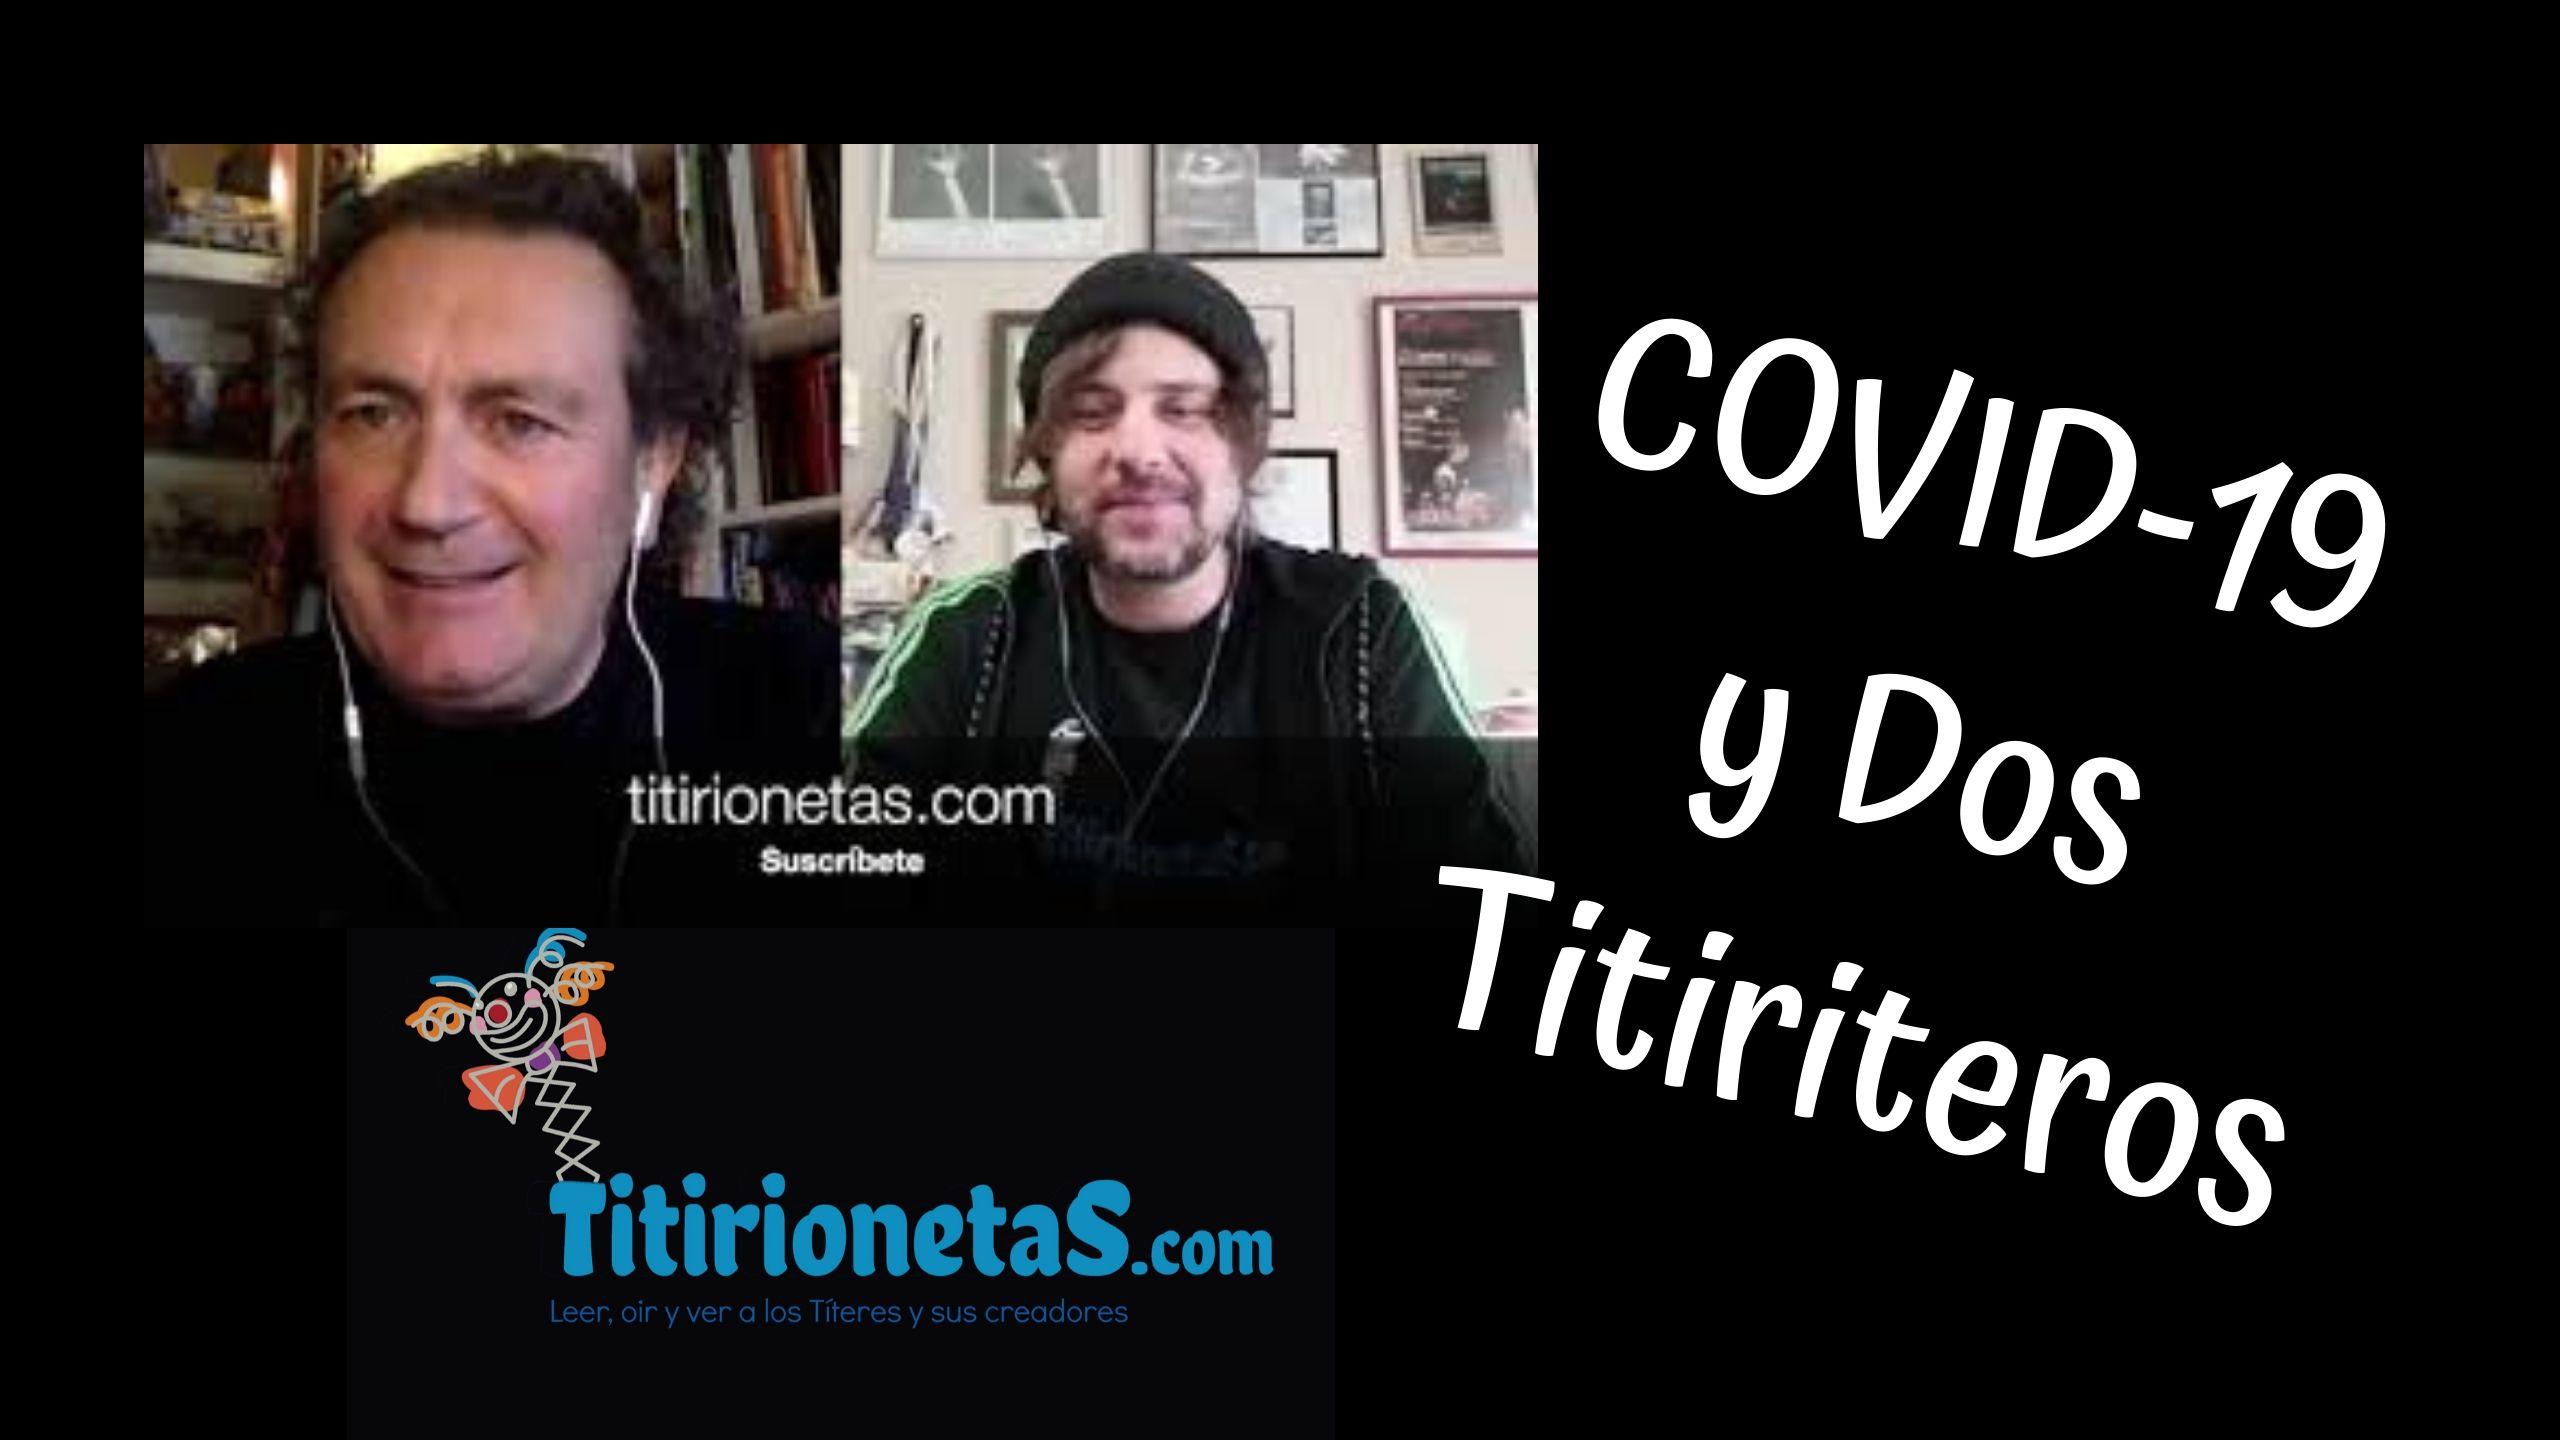 COVID-19 Y DOS TITIRITEROS